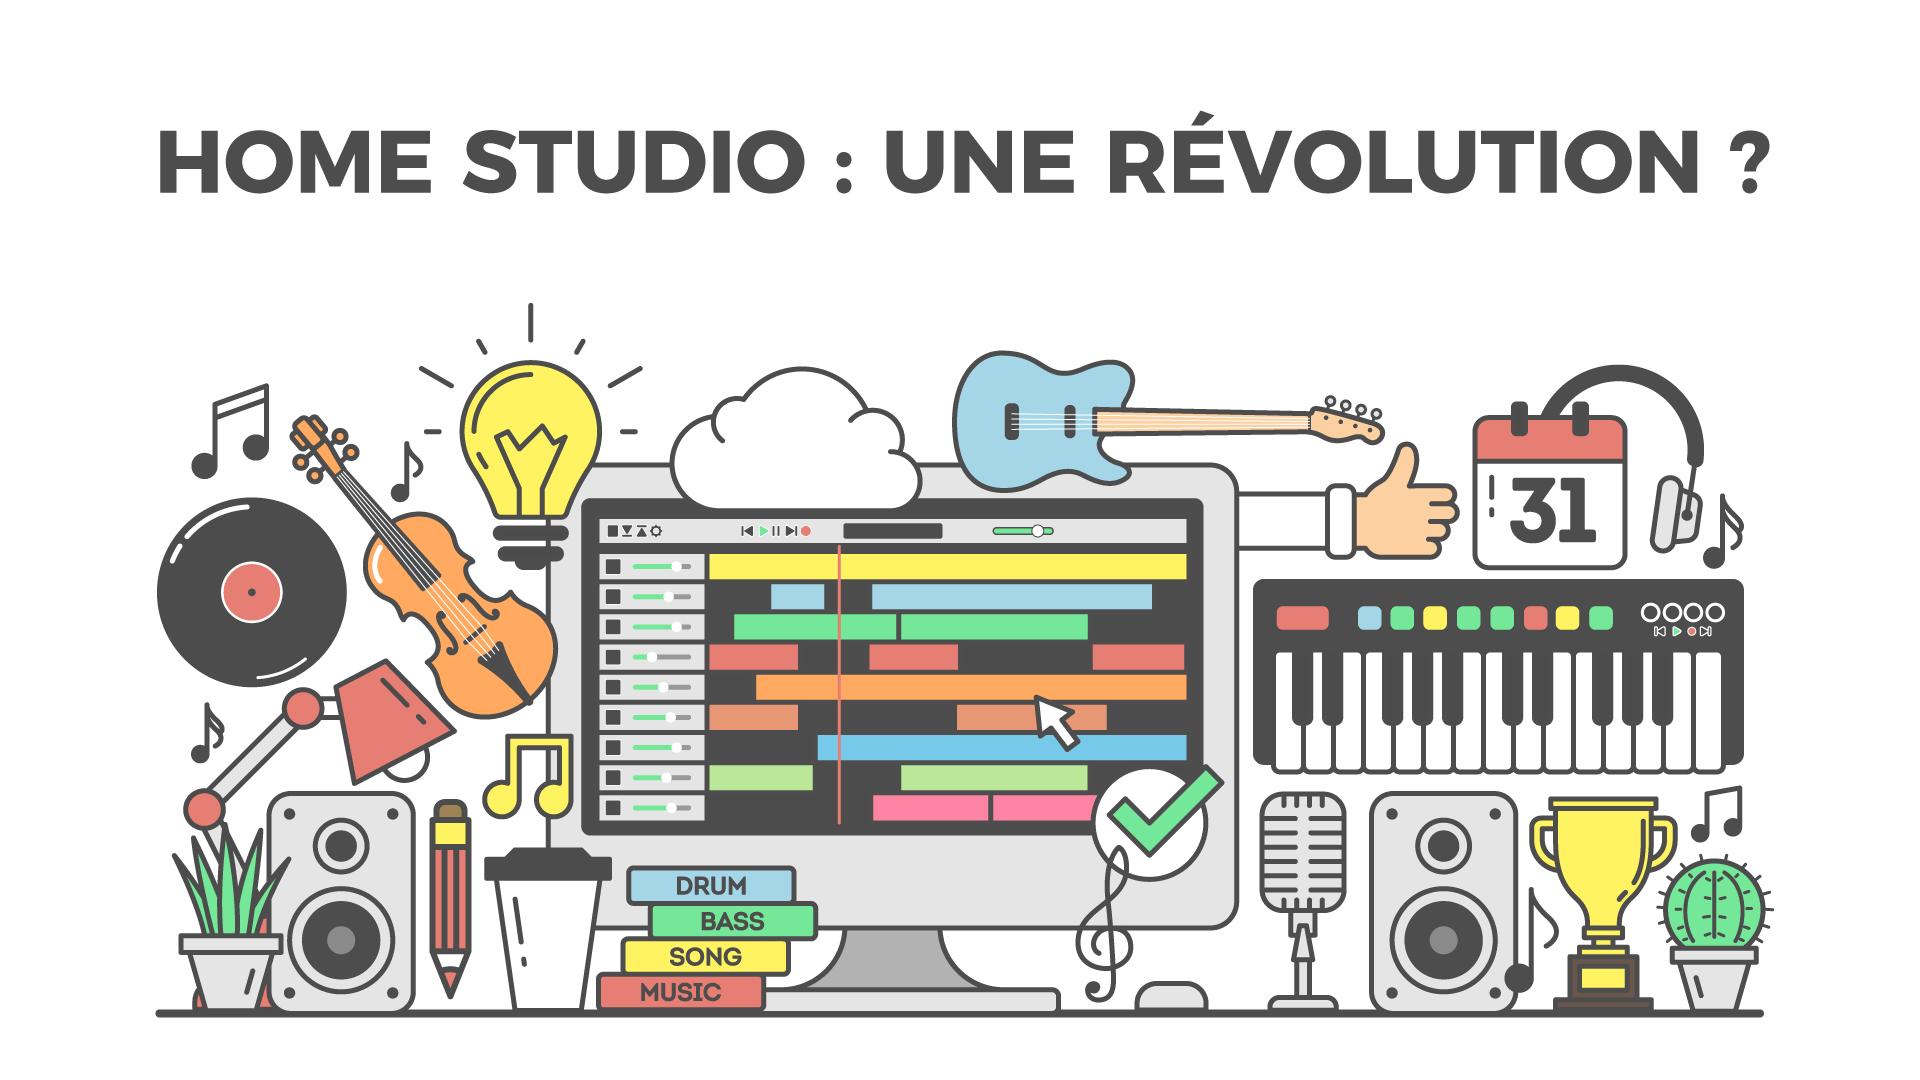 La révolution du home studio dans la composition musicale